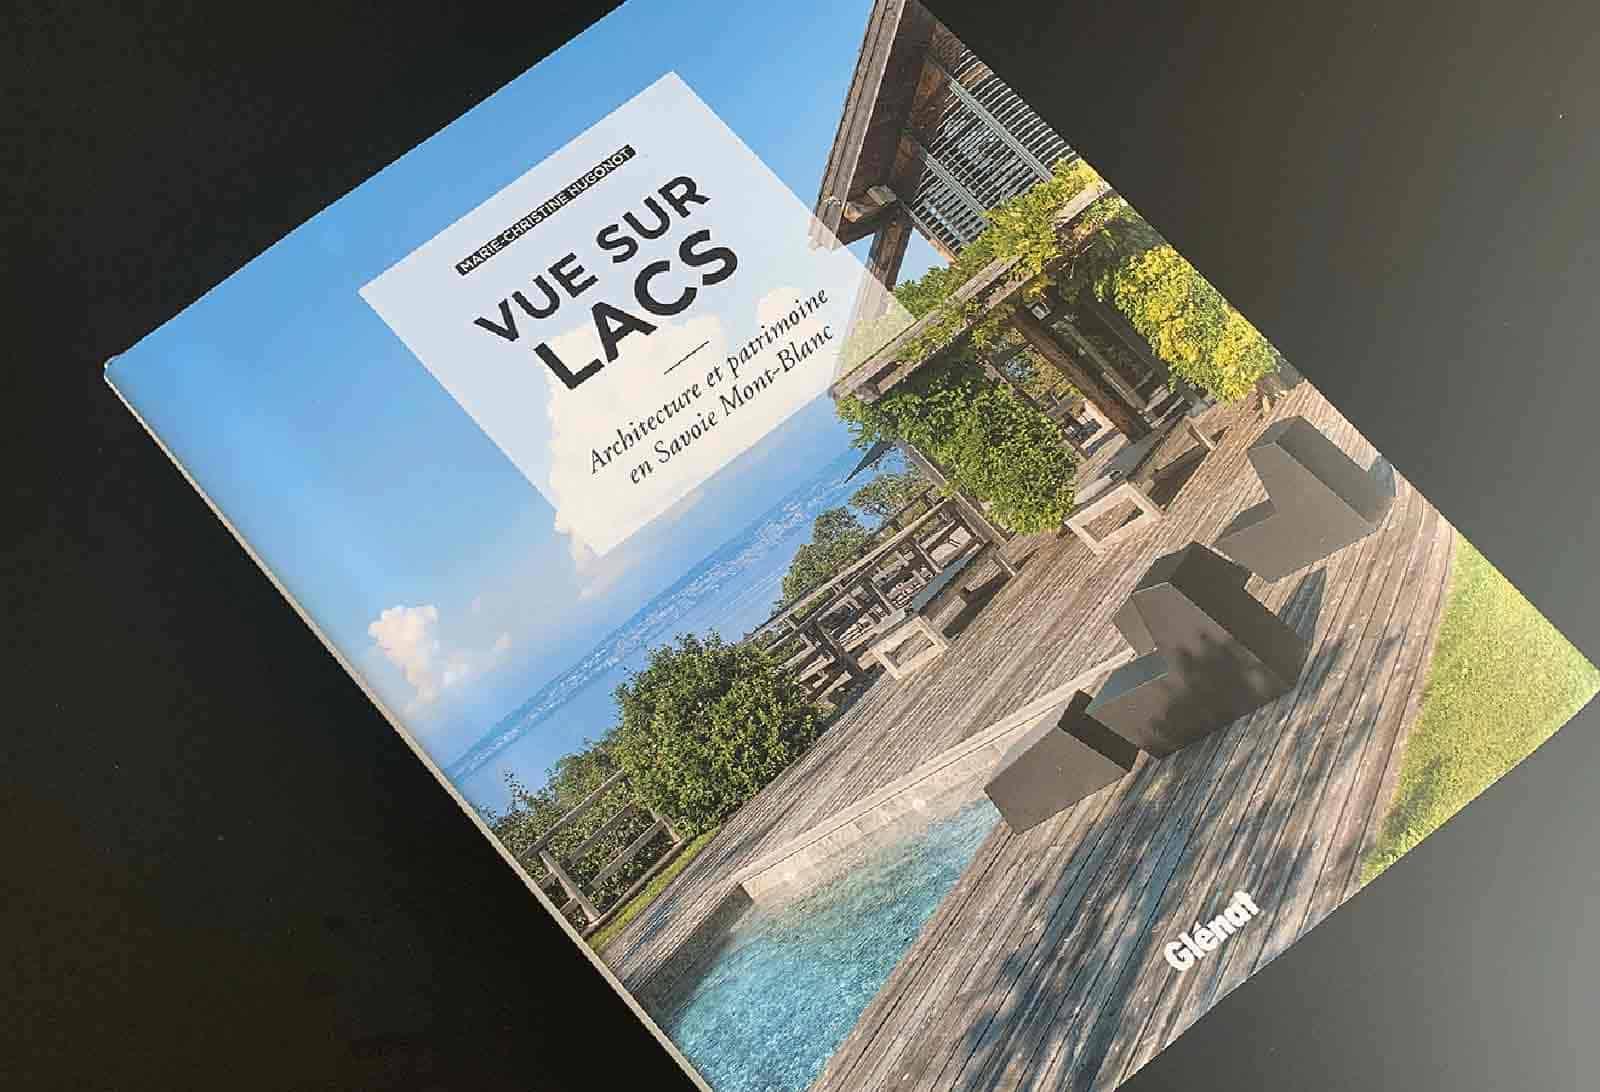 Archidomo parution Vue Lac, édition Glénat, architecture Savoie Mont-Blanc couverture